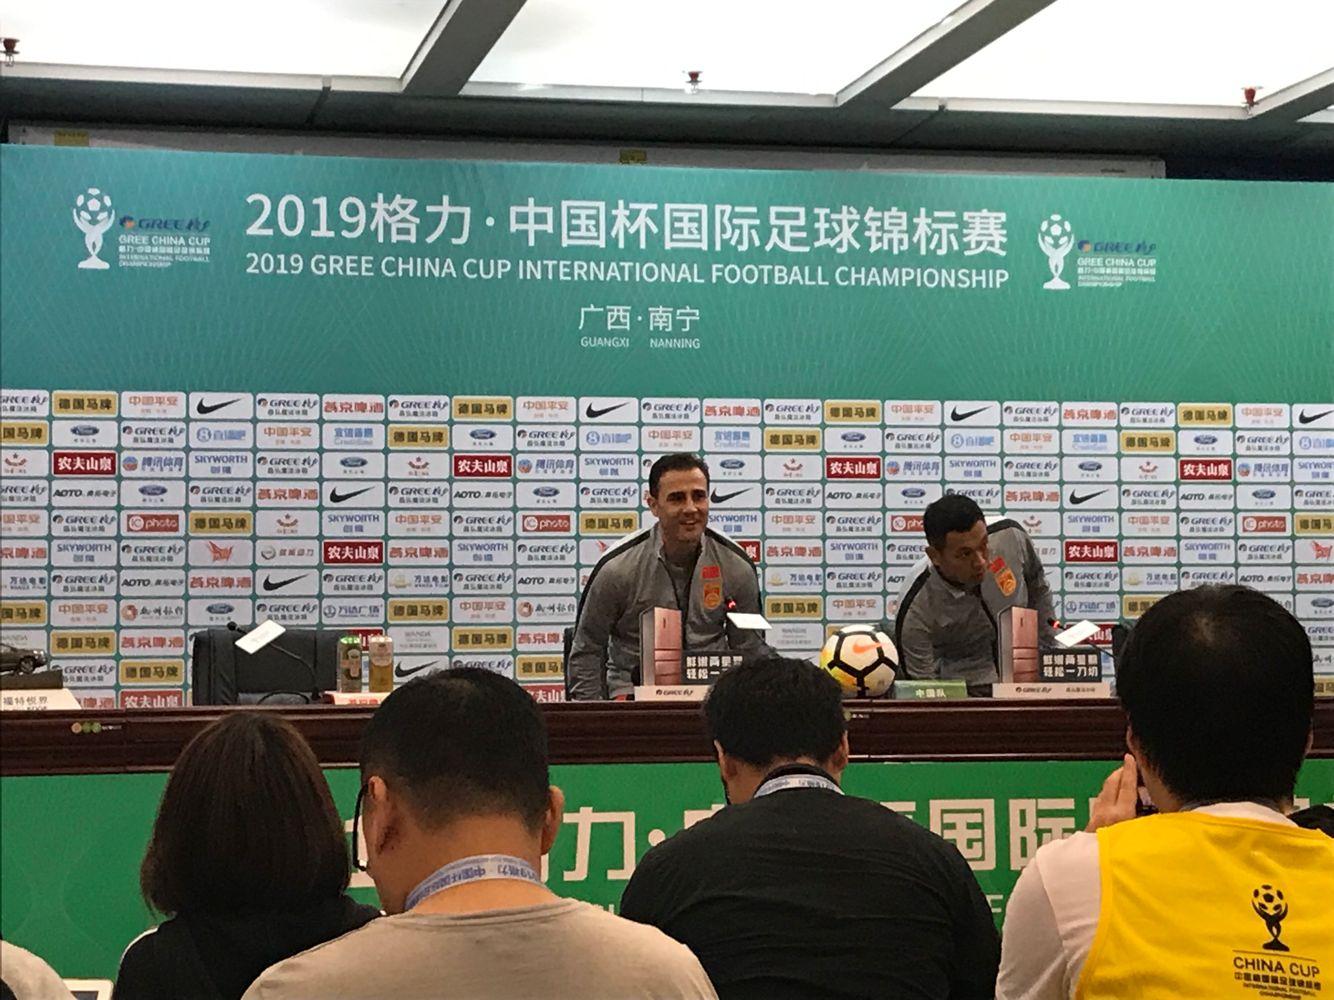 卡纳瓦罗:比赛过程有不错的地方,我们应有不同的结果